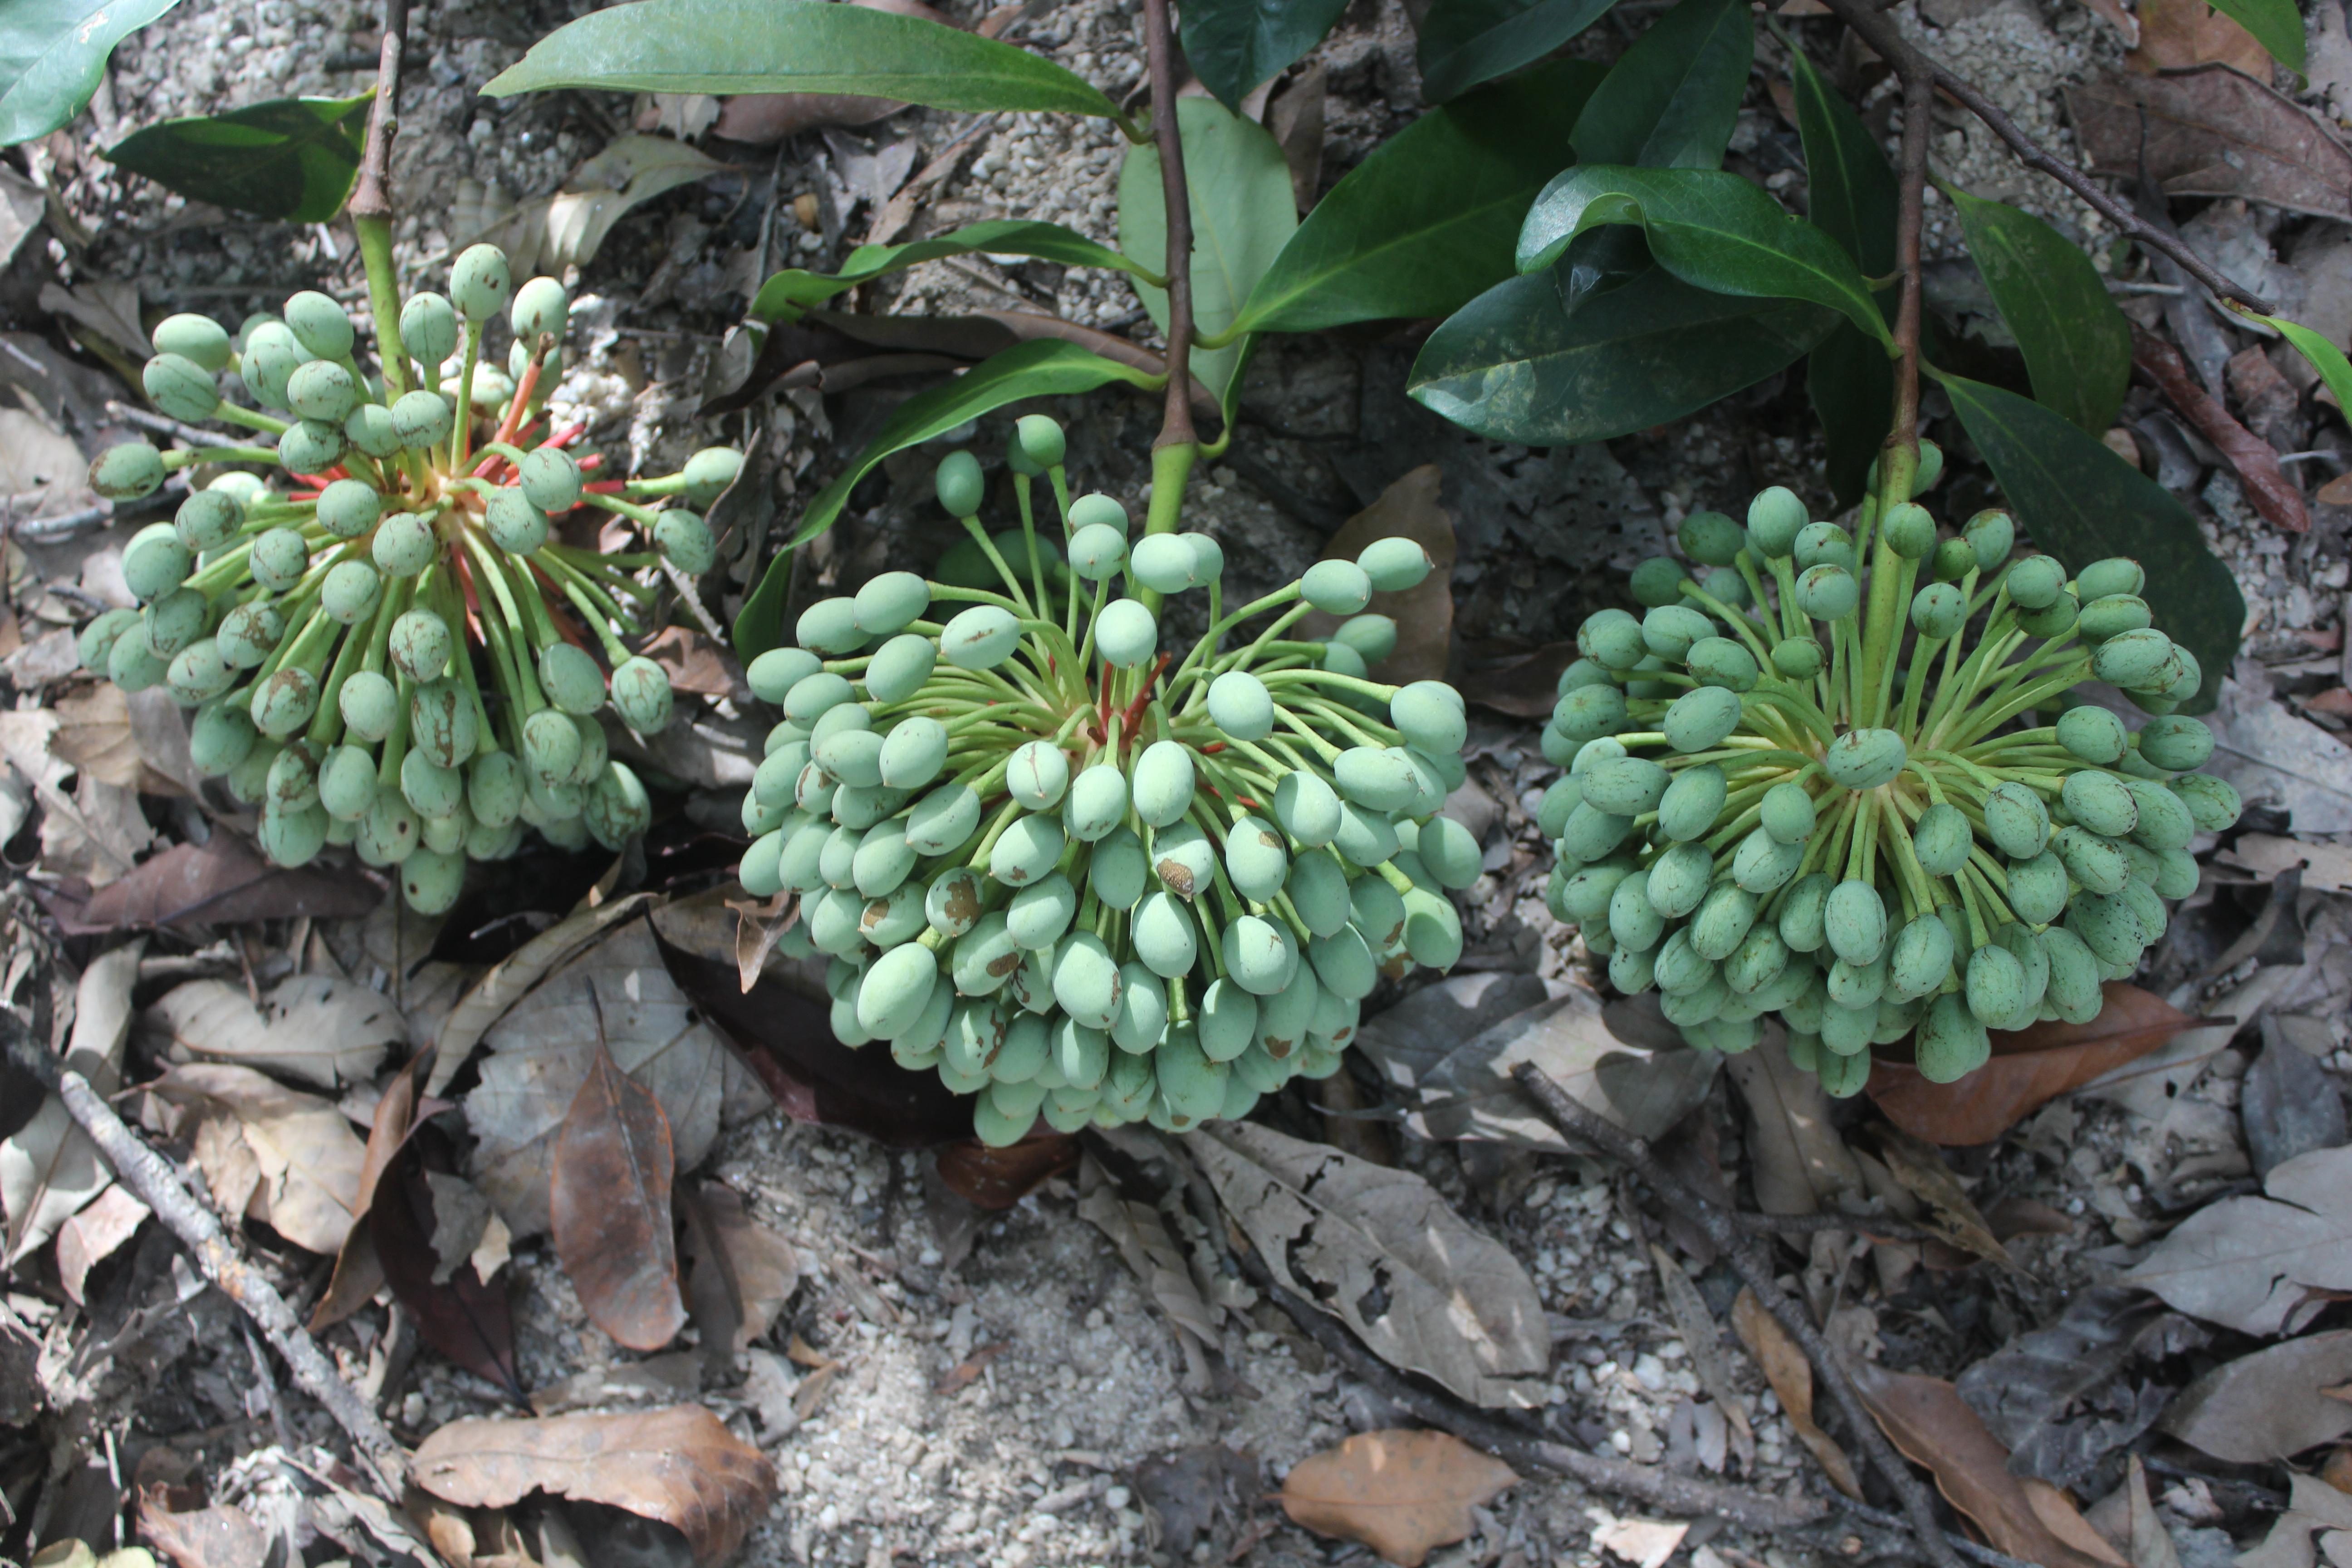 Danh lục thực vật Vườn Quốc gia Vũ Quang - Hà Tĩnh (Flora list Vuquang Nationalpark)